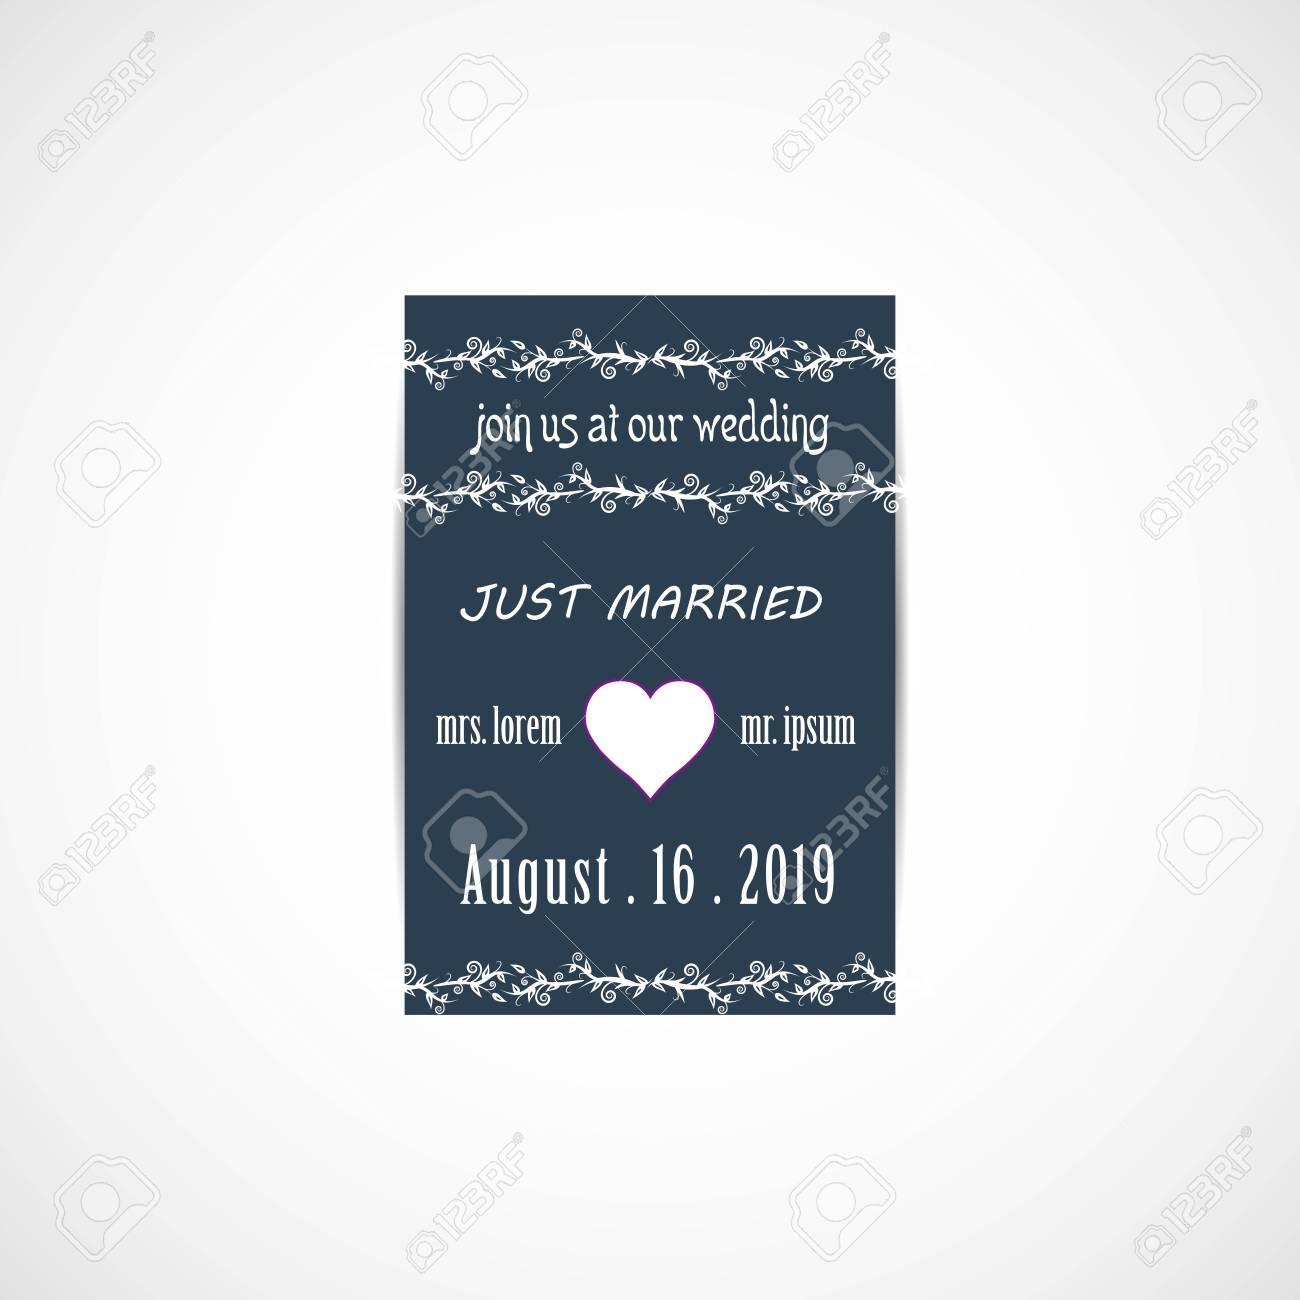 Wedding invitation card vector illustration eps file royalty free wedding invitation card vector illustration eps file stock vector 84412151 stopboris Gallery